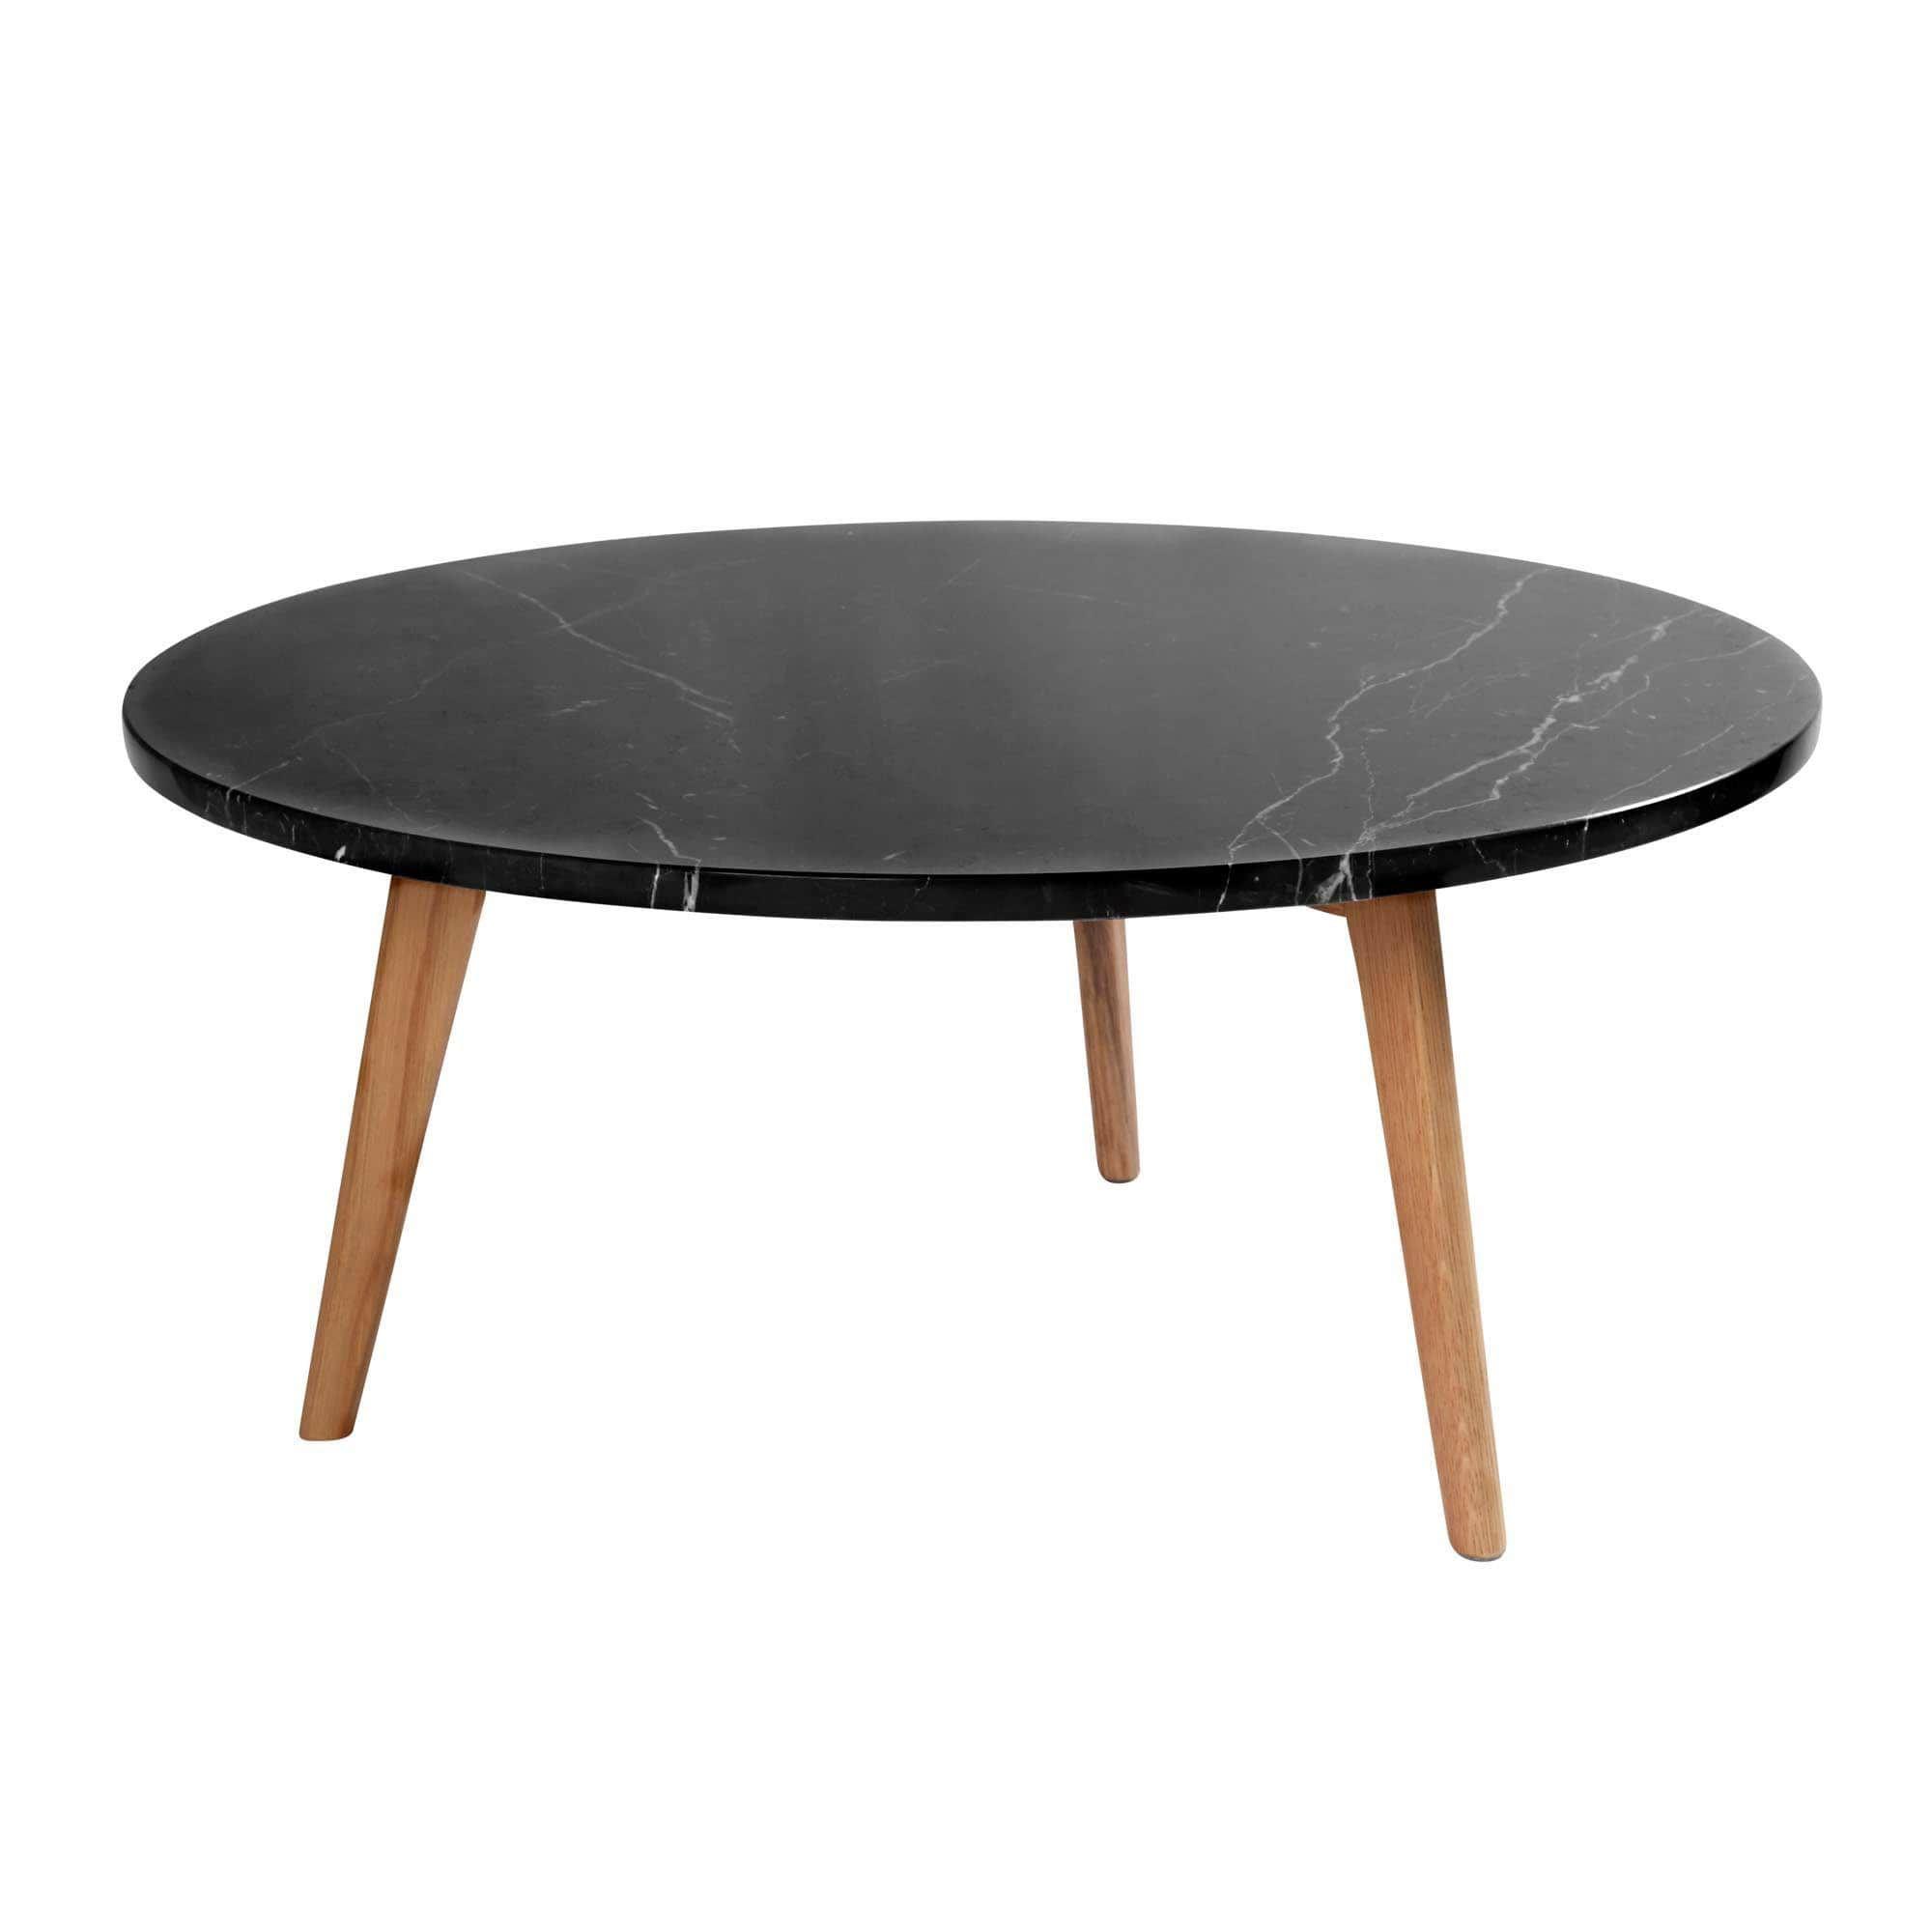 Fete Des Meres Nos Idees Cadeaux Deco Table Basse En Marbre Noir Table Basse Marbre Table Basse